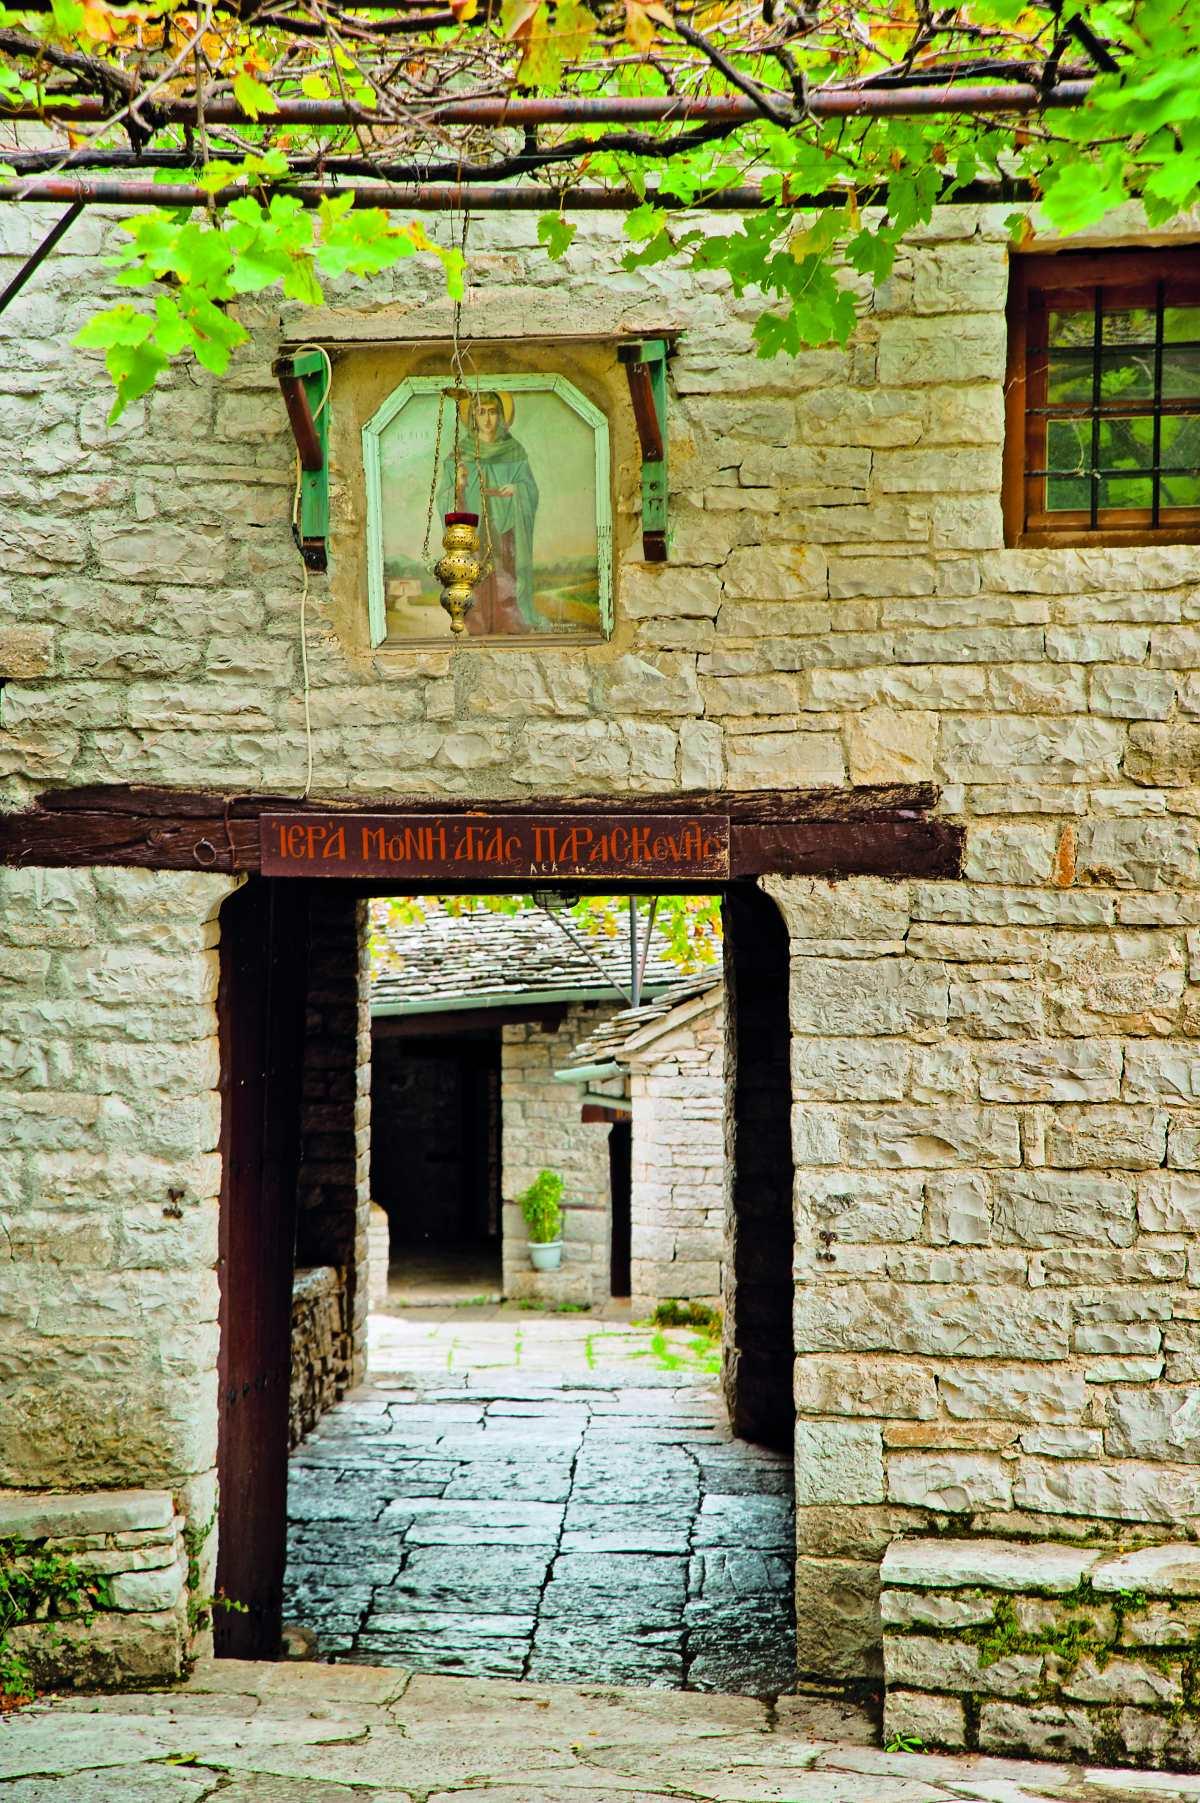 Μονή Αγίας Παρασκευής στο Μονοδένδρι, Ζαγόρι